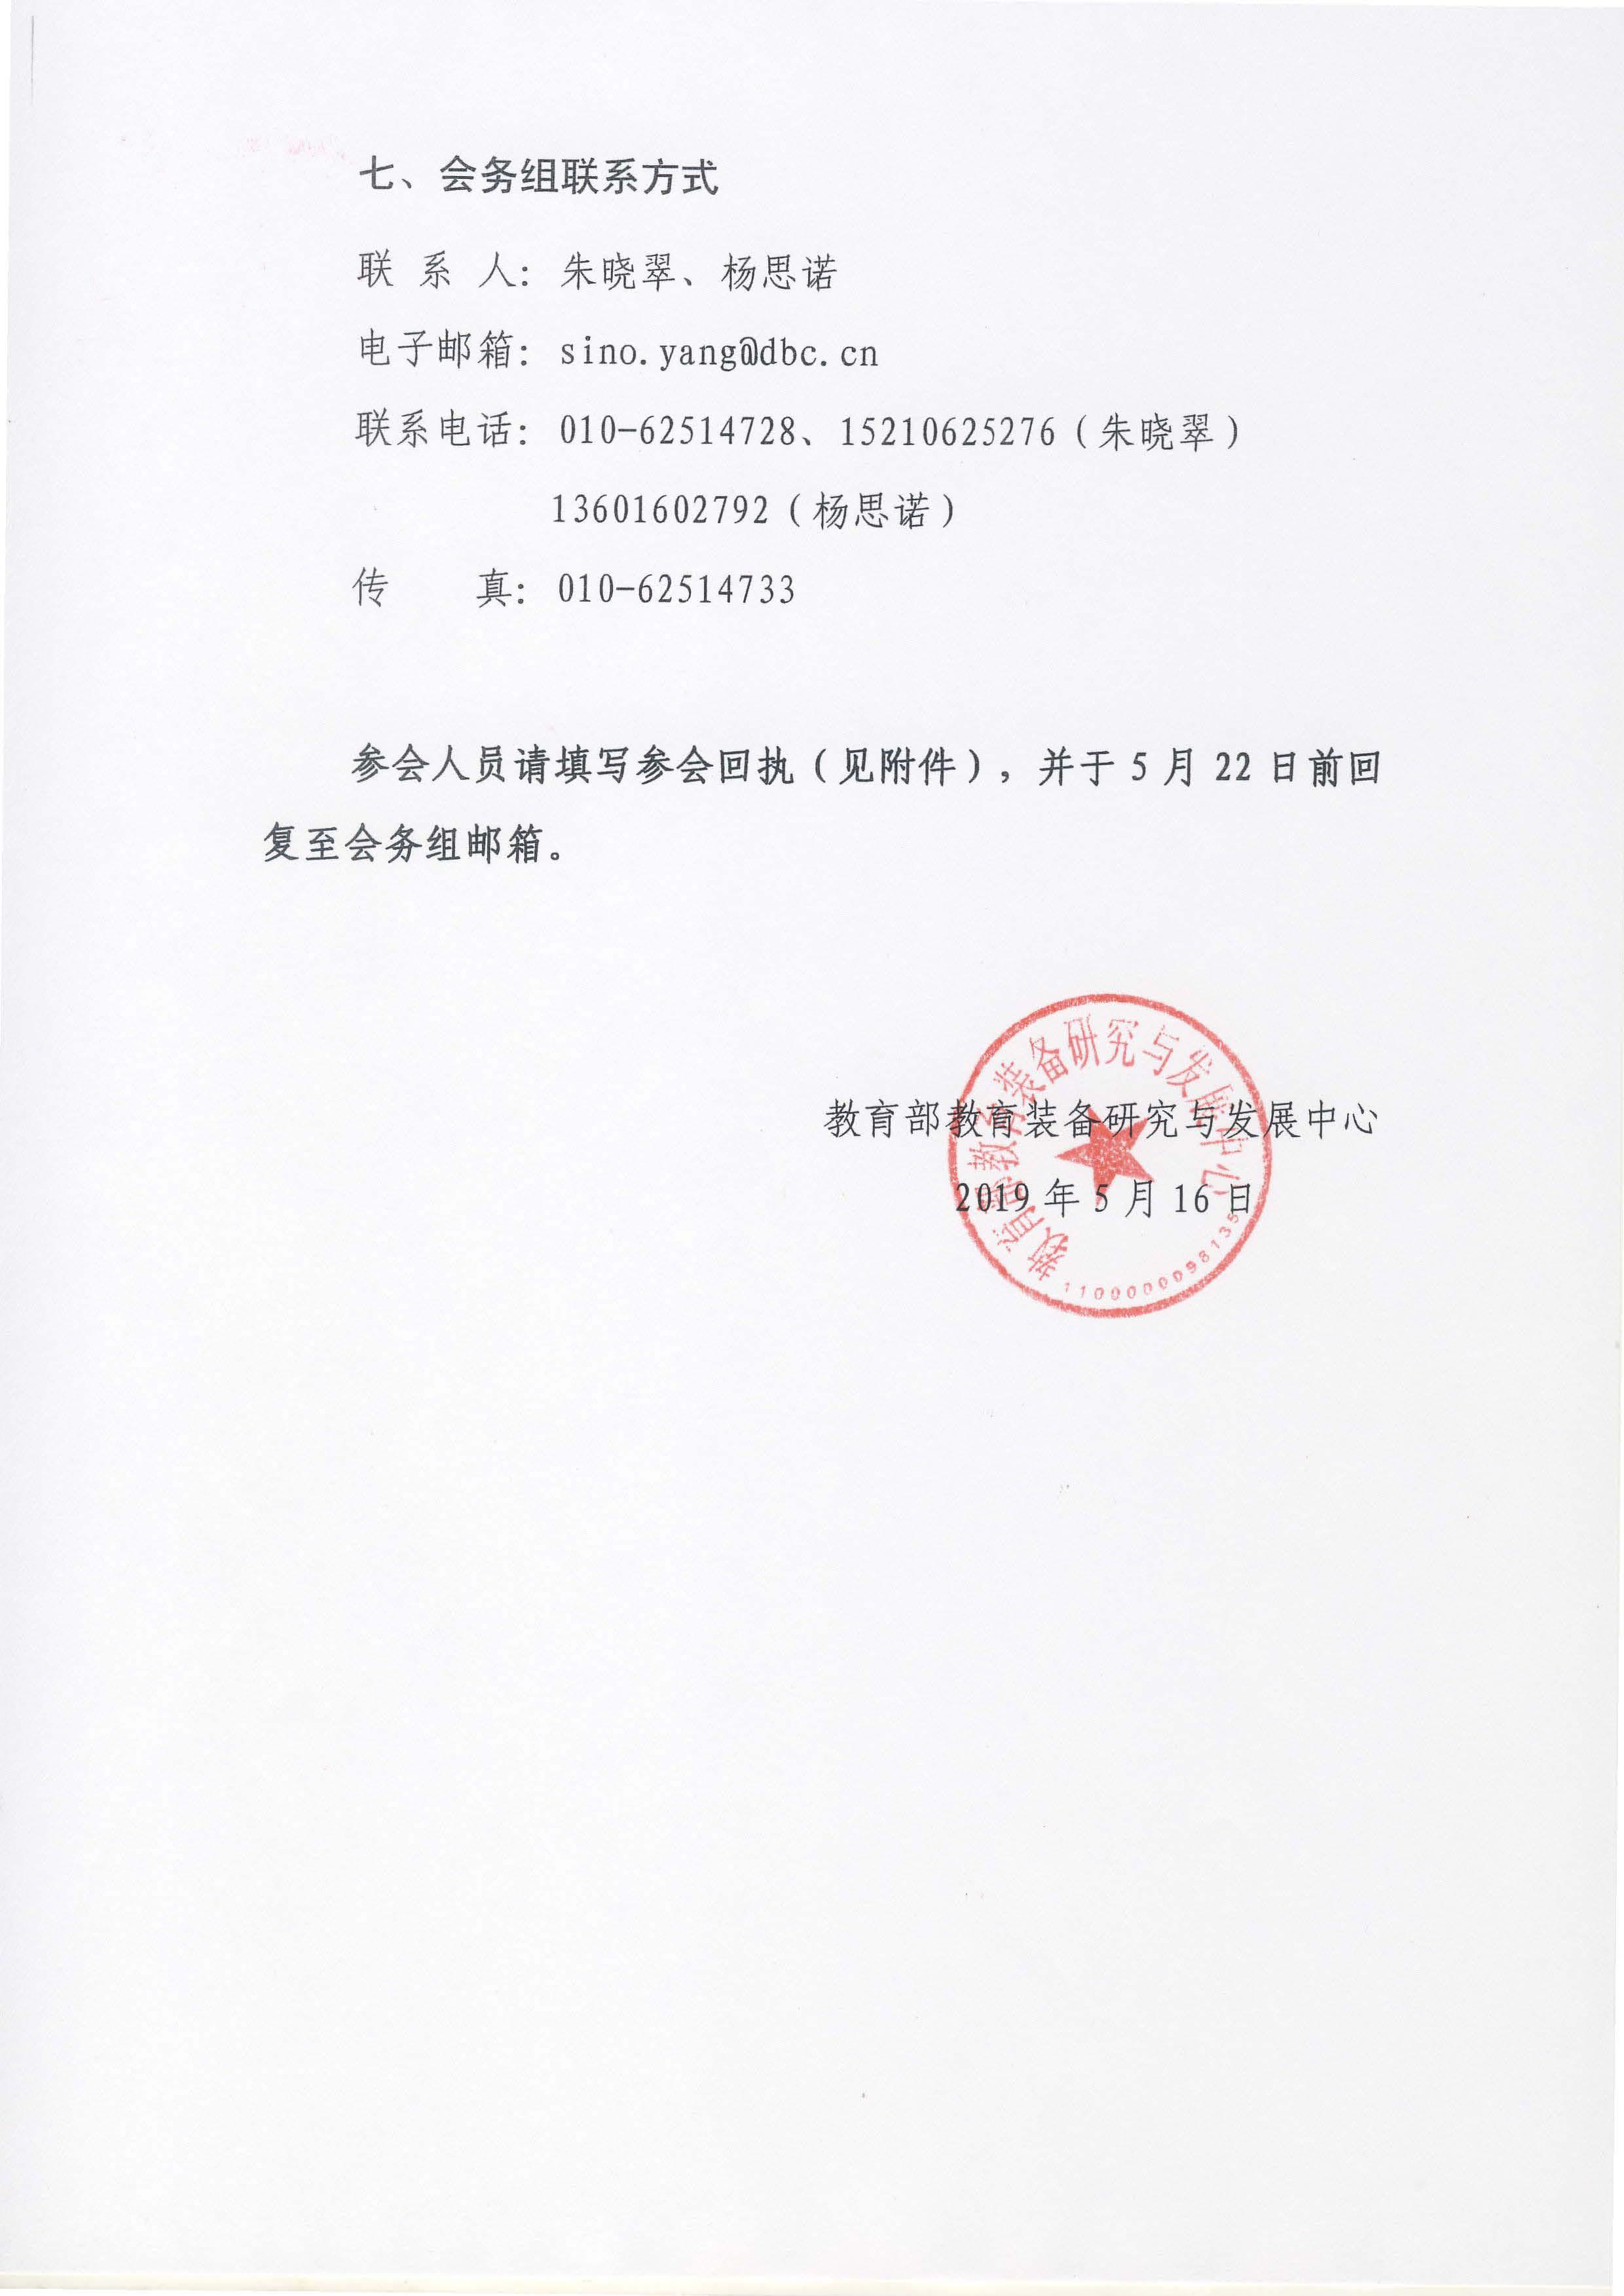 教育部装备中心会议通知:25号上海_页面_3